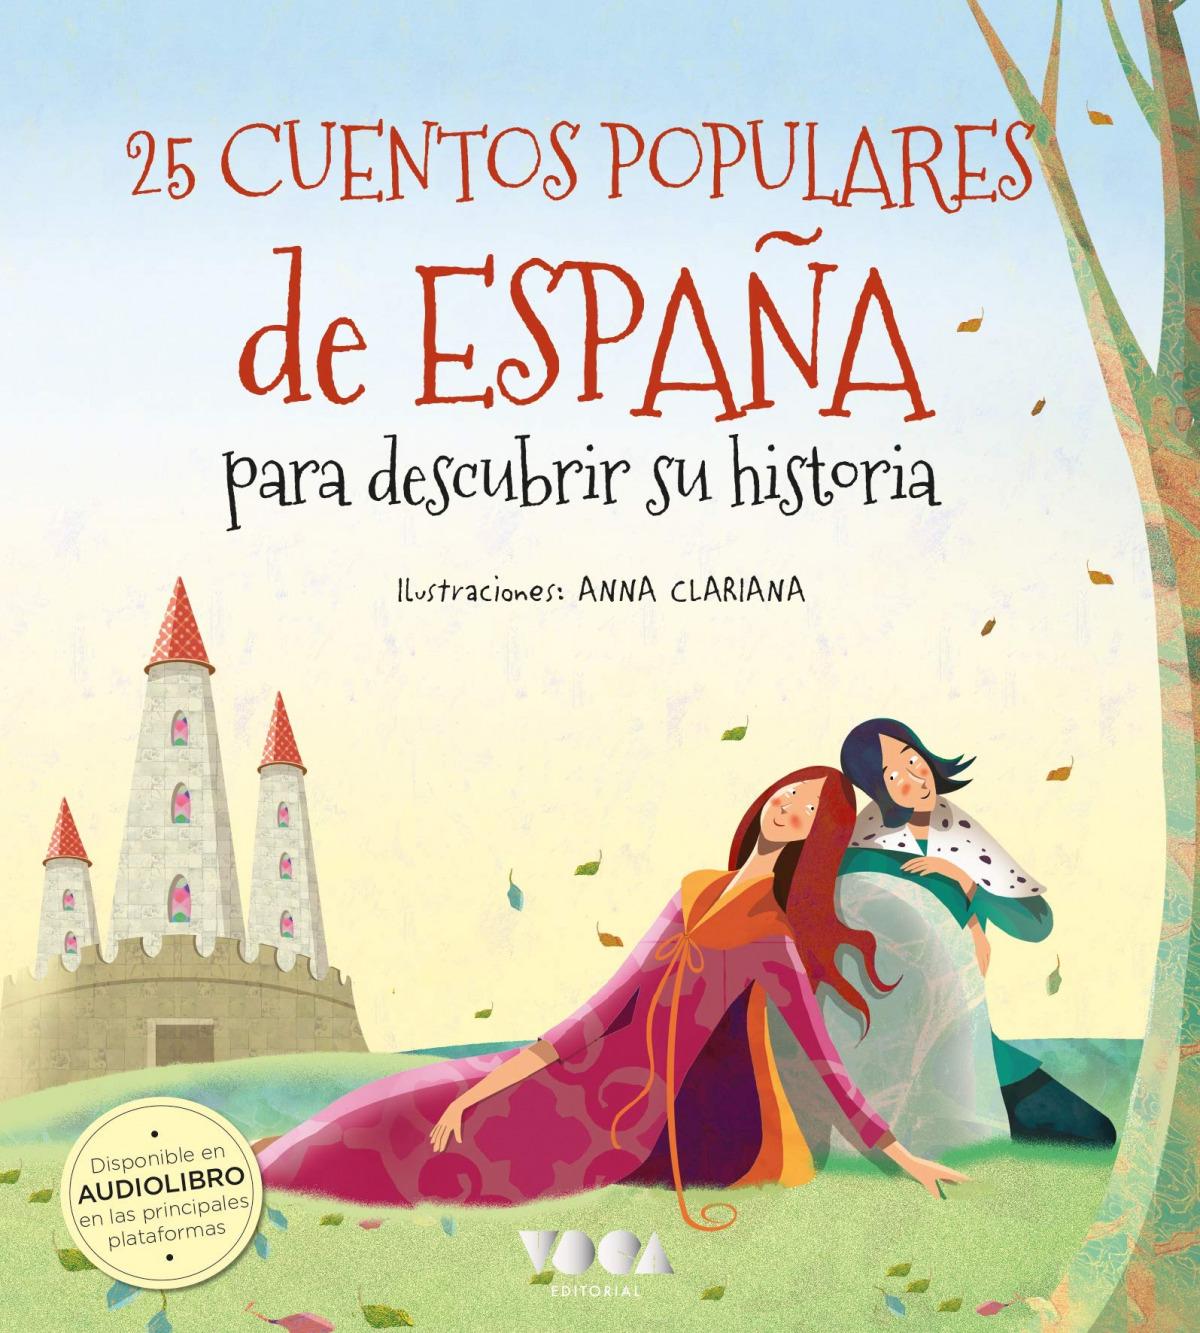 25 CUENTOS POPULARES DE ESPAñA PARA DESCUBRIR SU HISTORIA 9788418353307